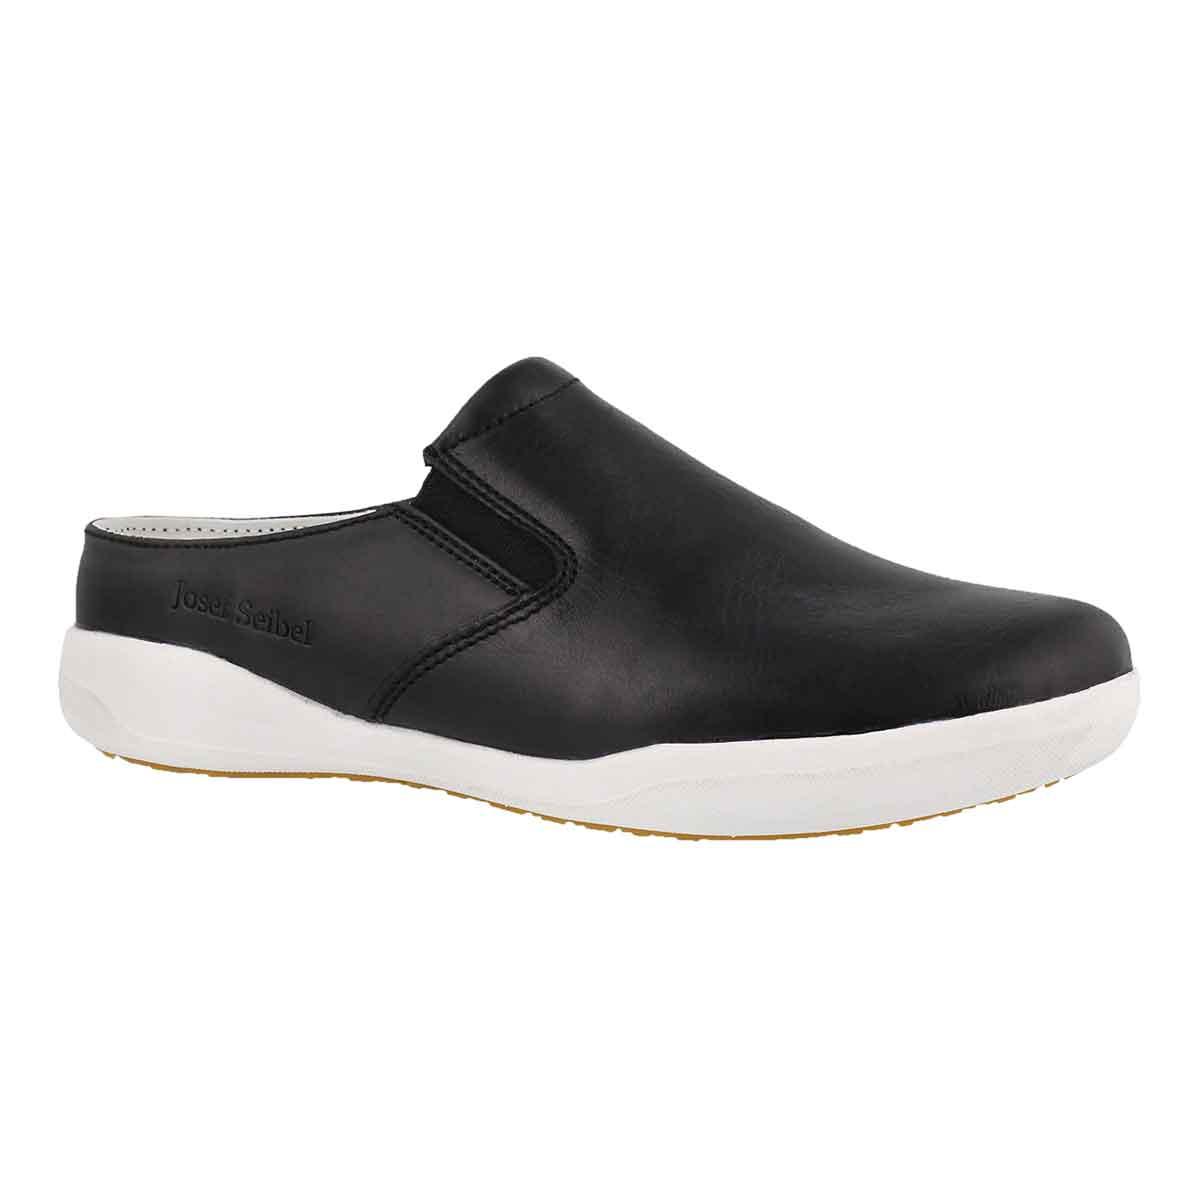 Women's SINA 35 black slip on shoes